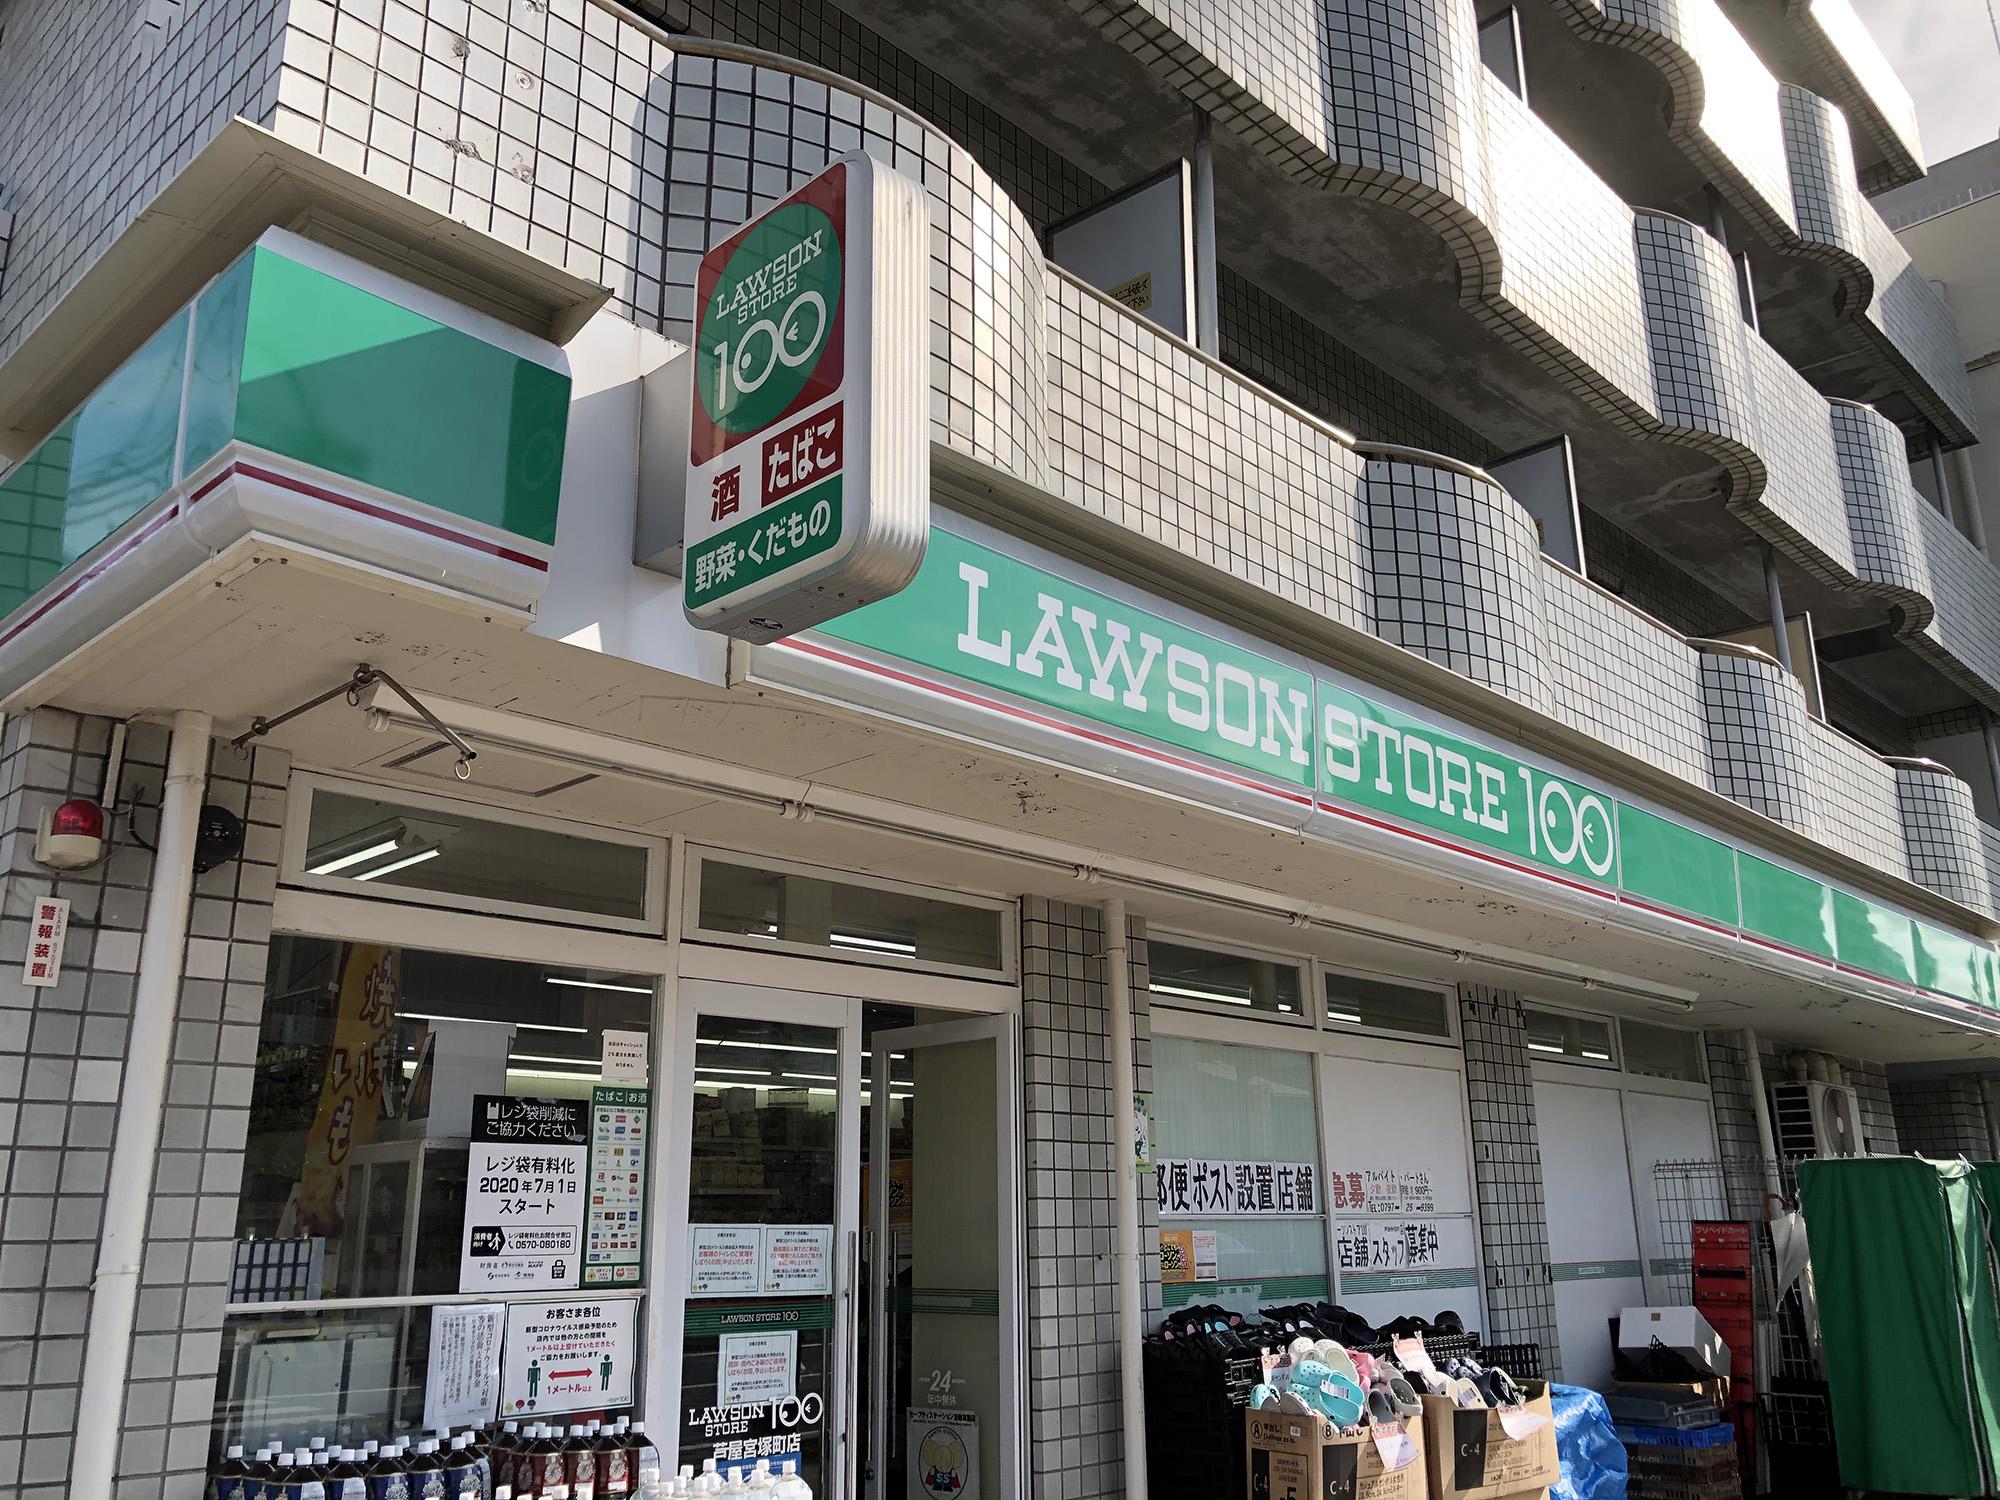 ローソンストア100 芦屋宮塚町店